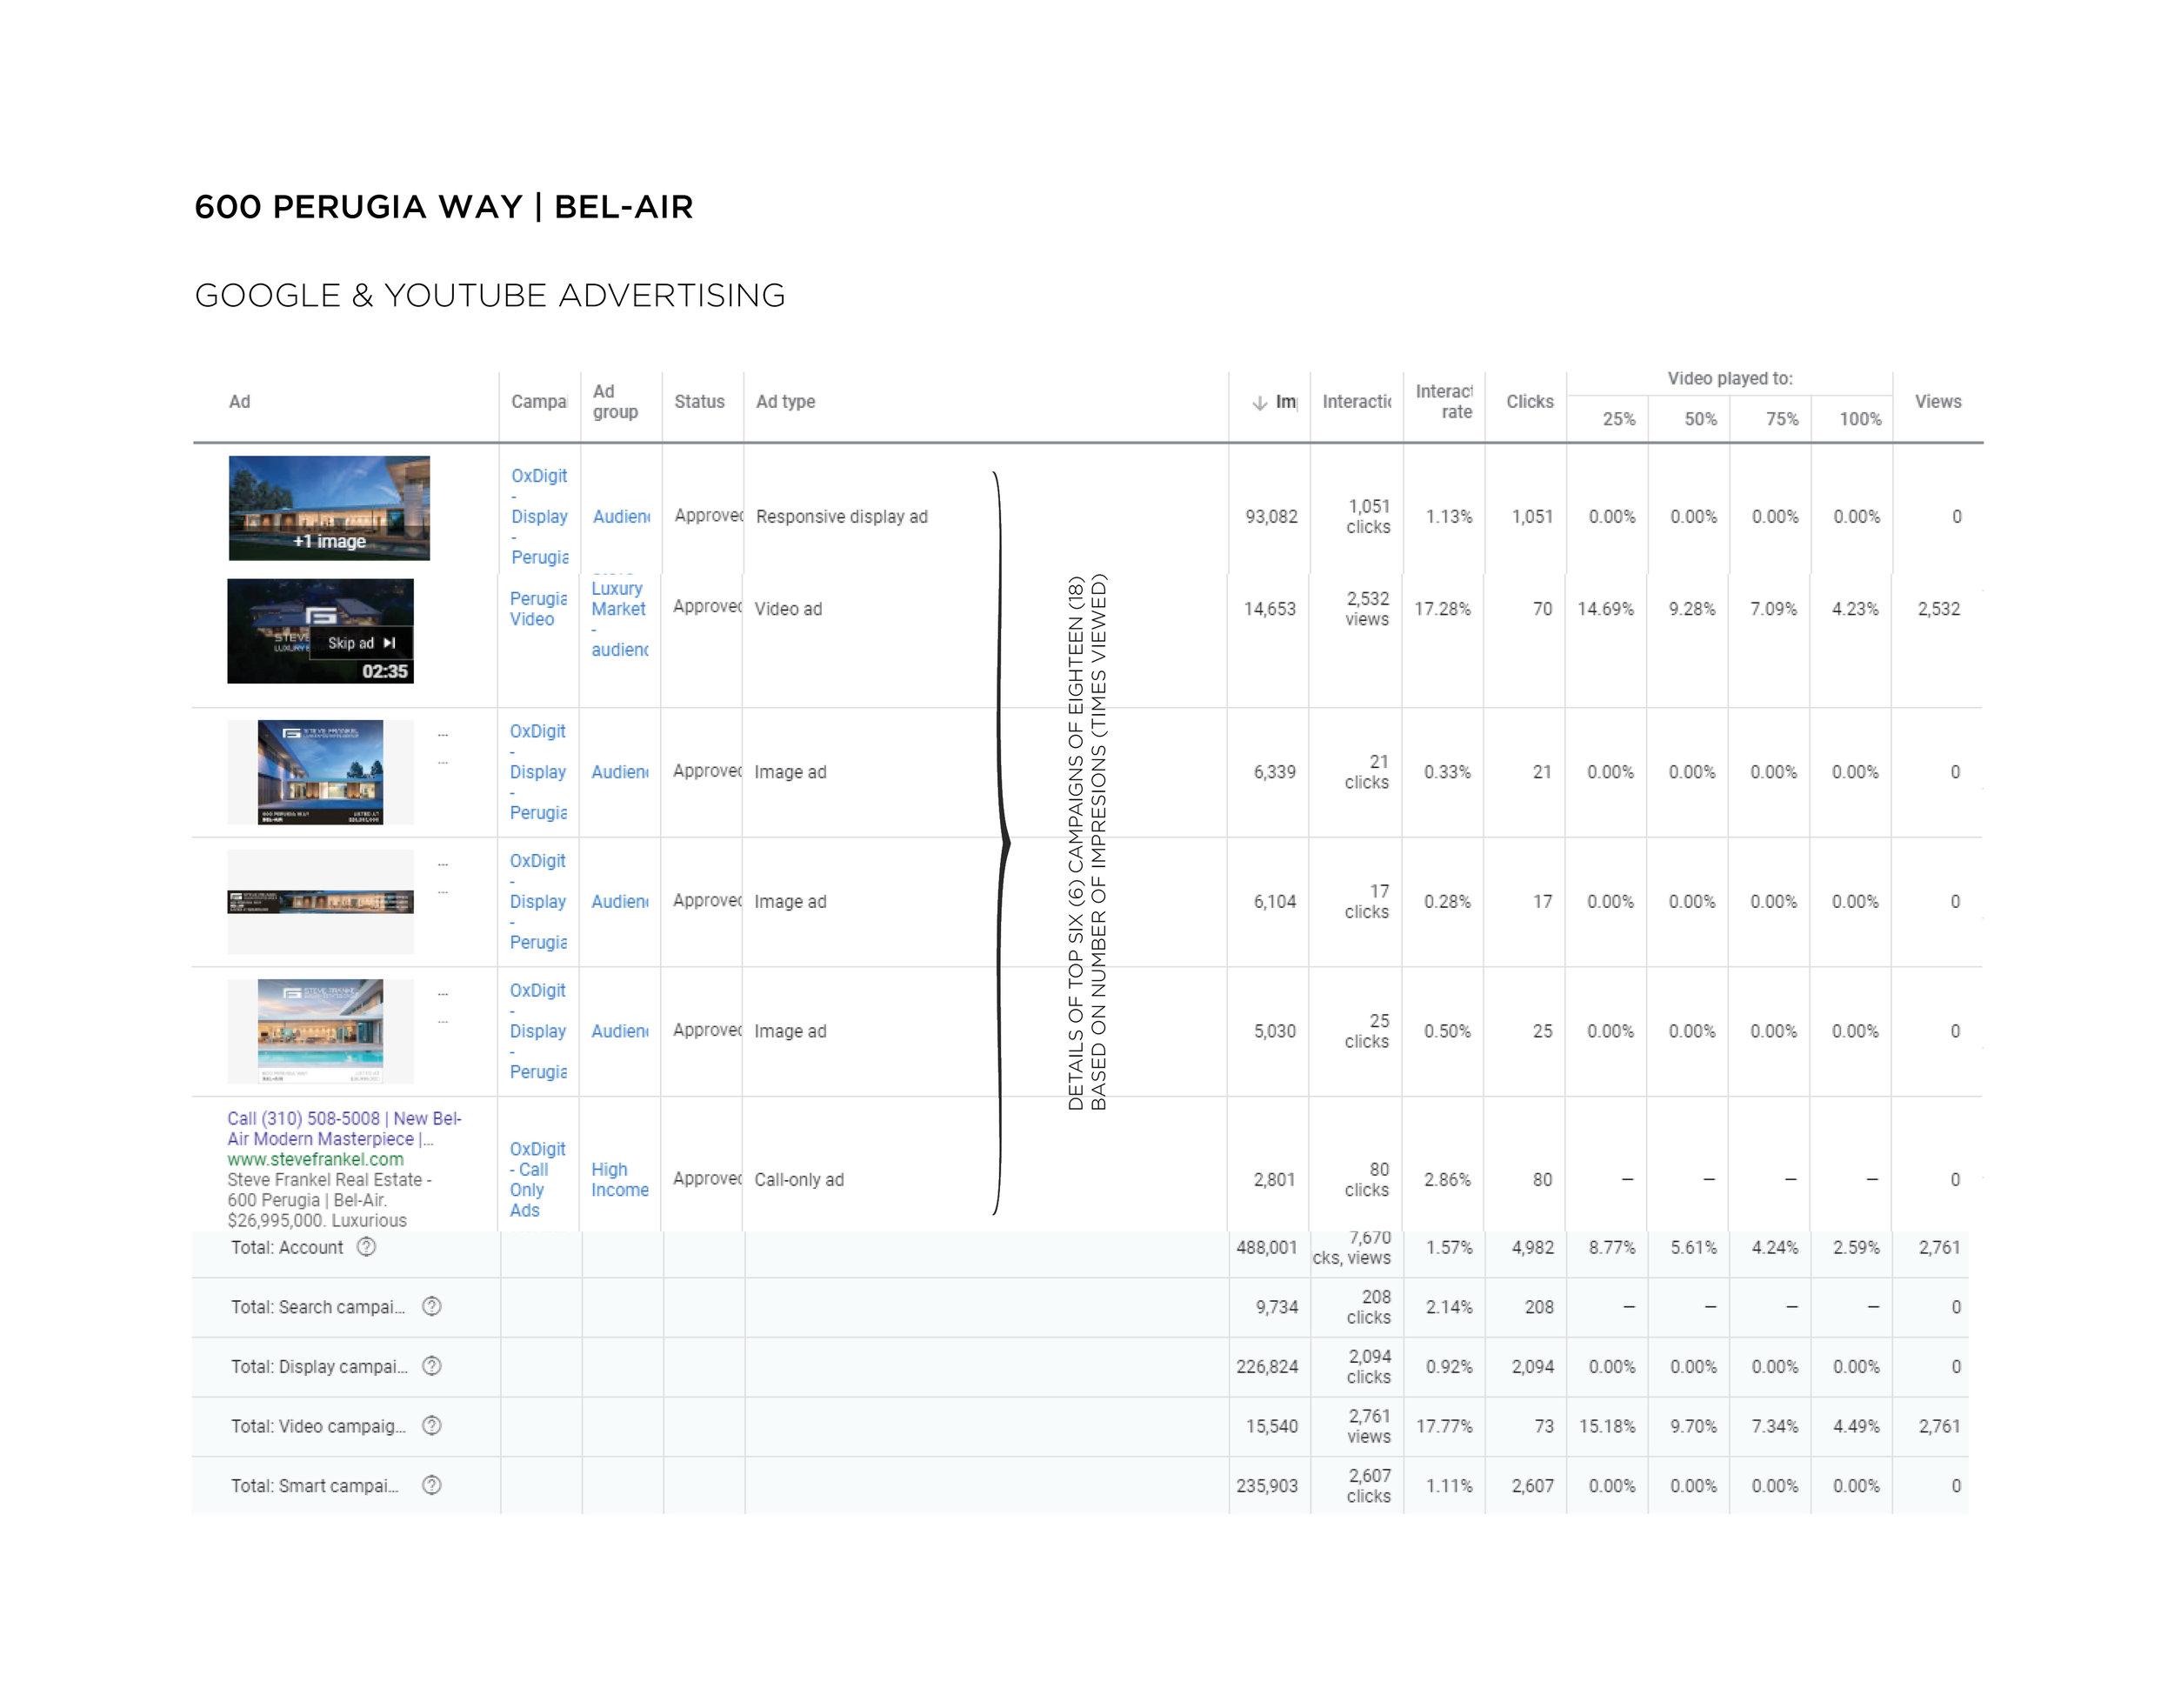 SteveFrankel_PresentationBook14x11_071719_Tablet67.jpg